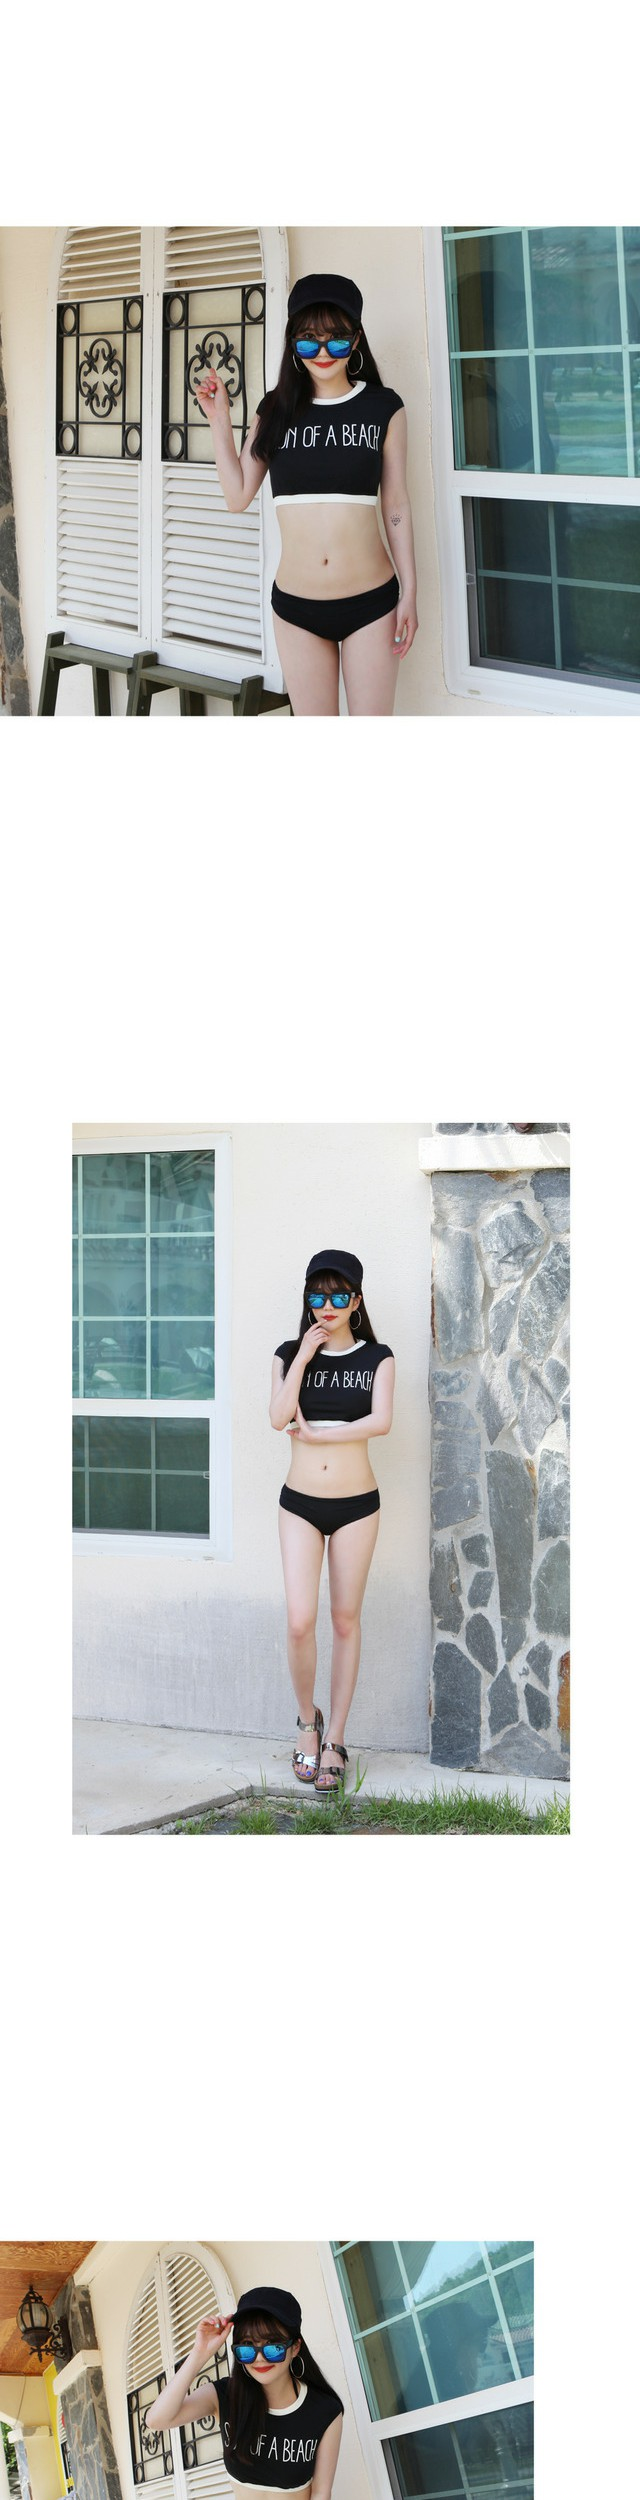 Beach sun bikini